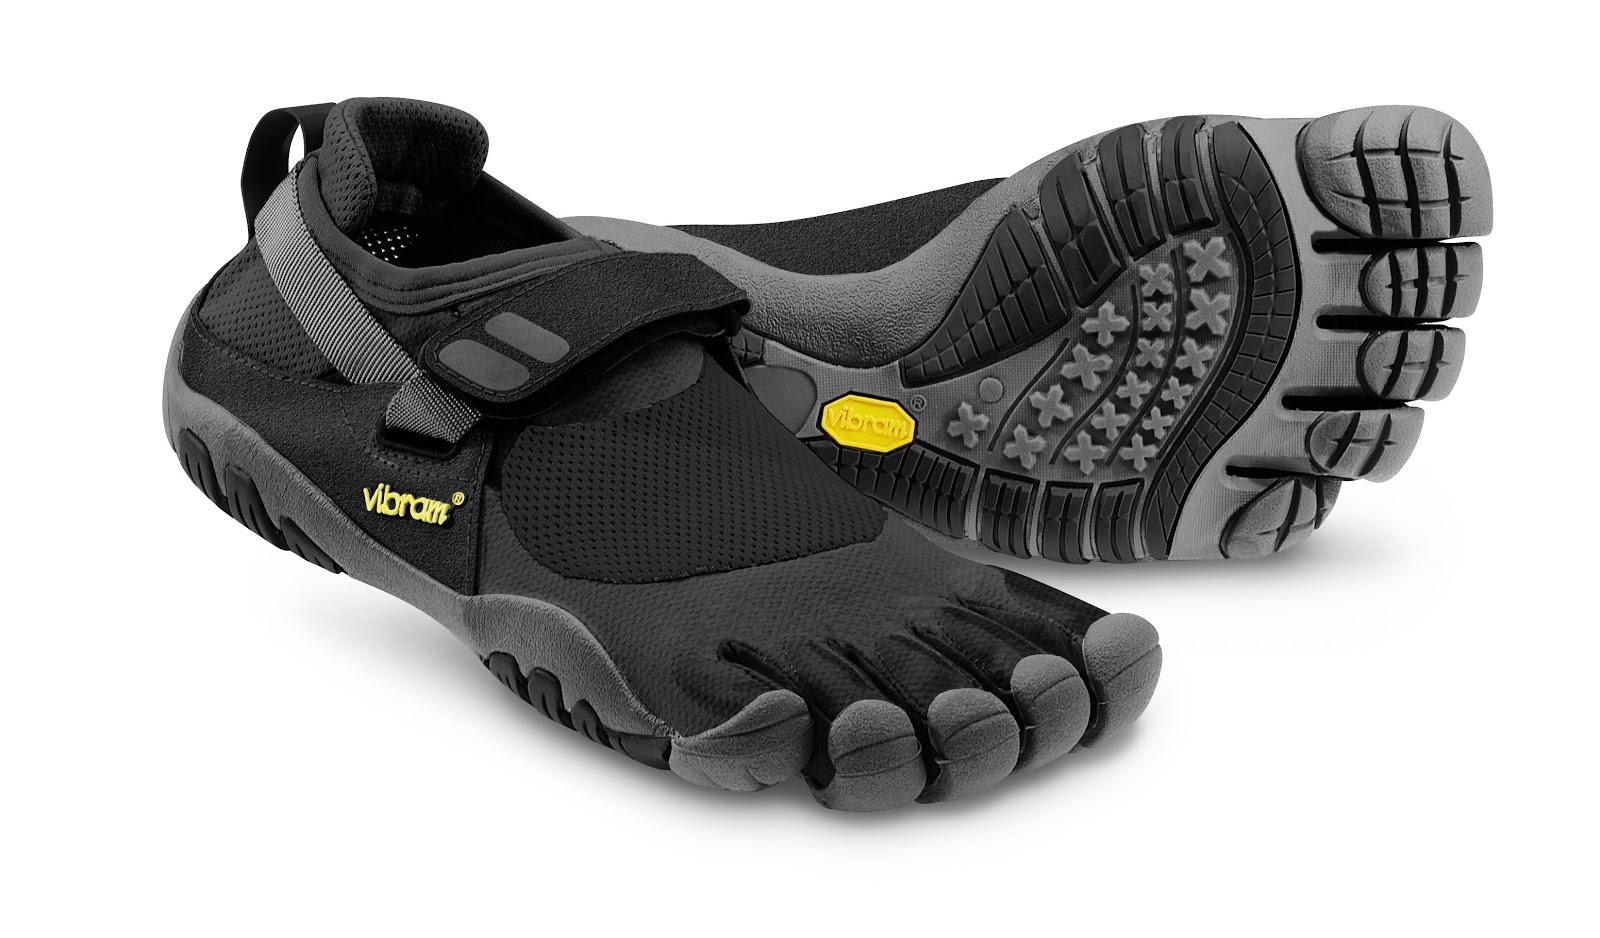 Cual consideran que es el mejor calzado para la salida? Treksport-w4423-hero_1_1